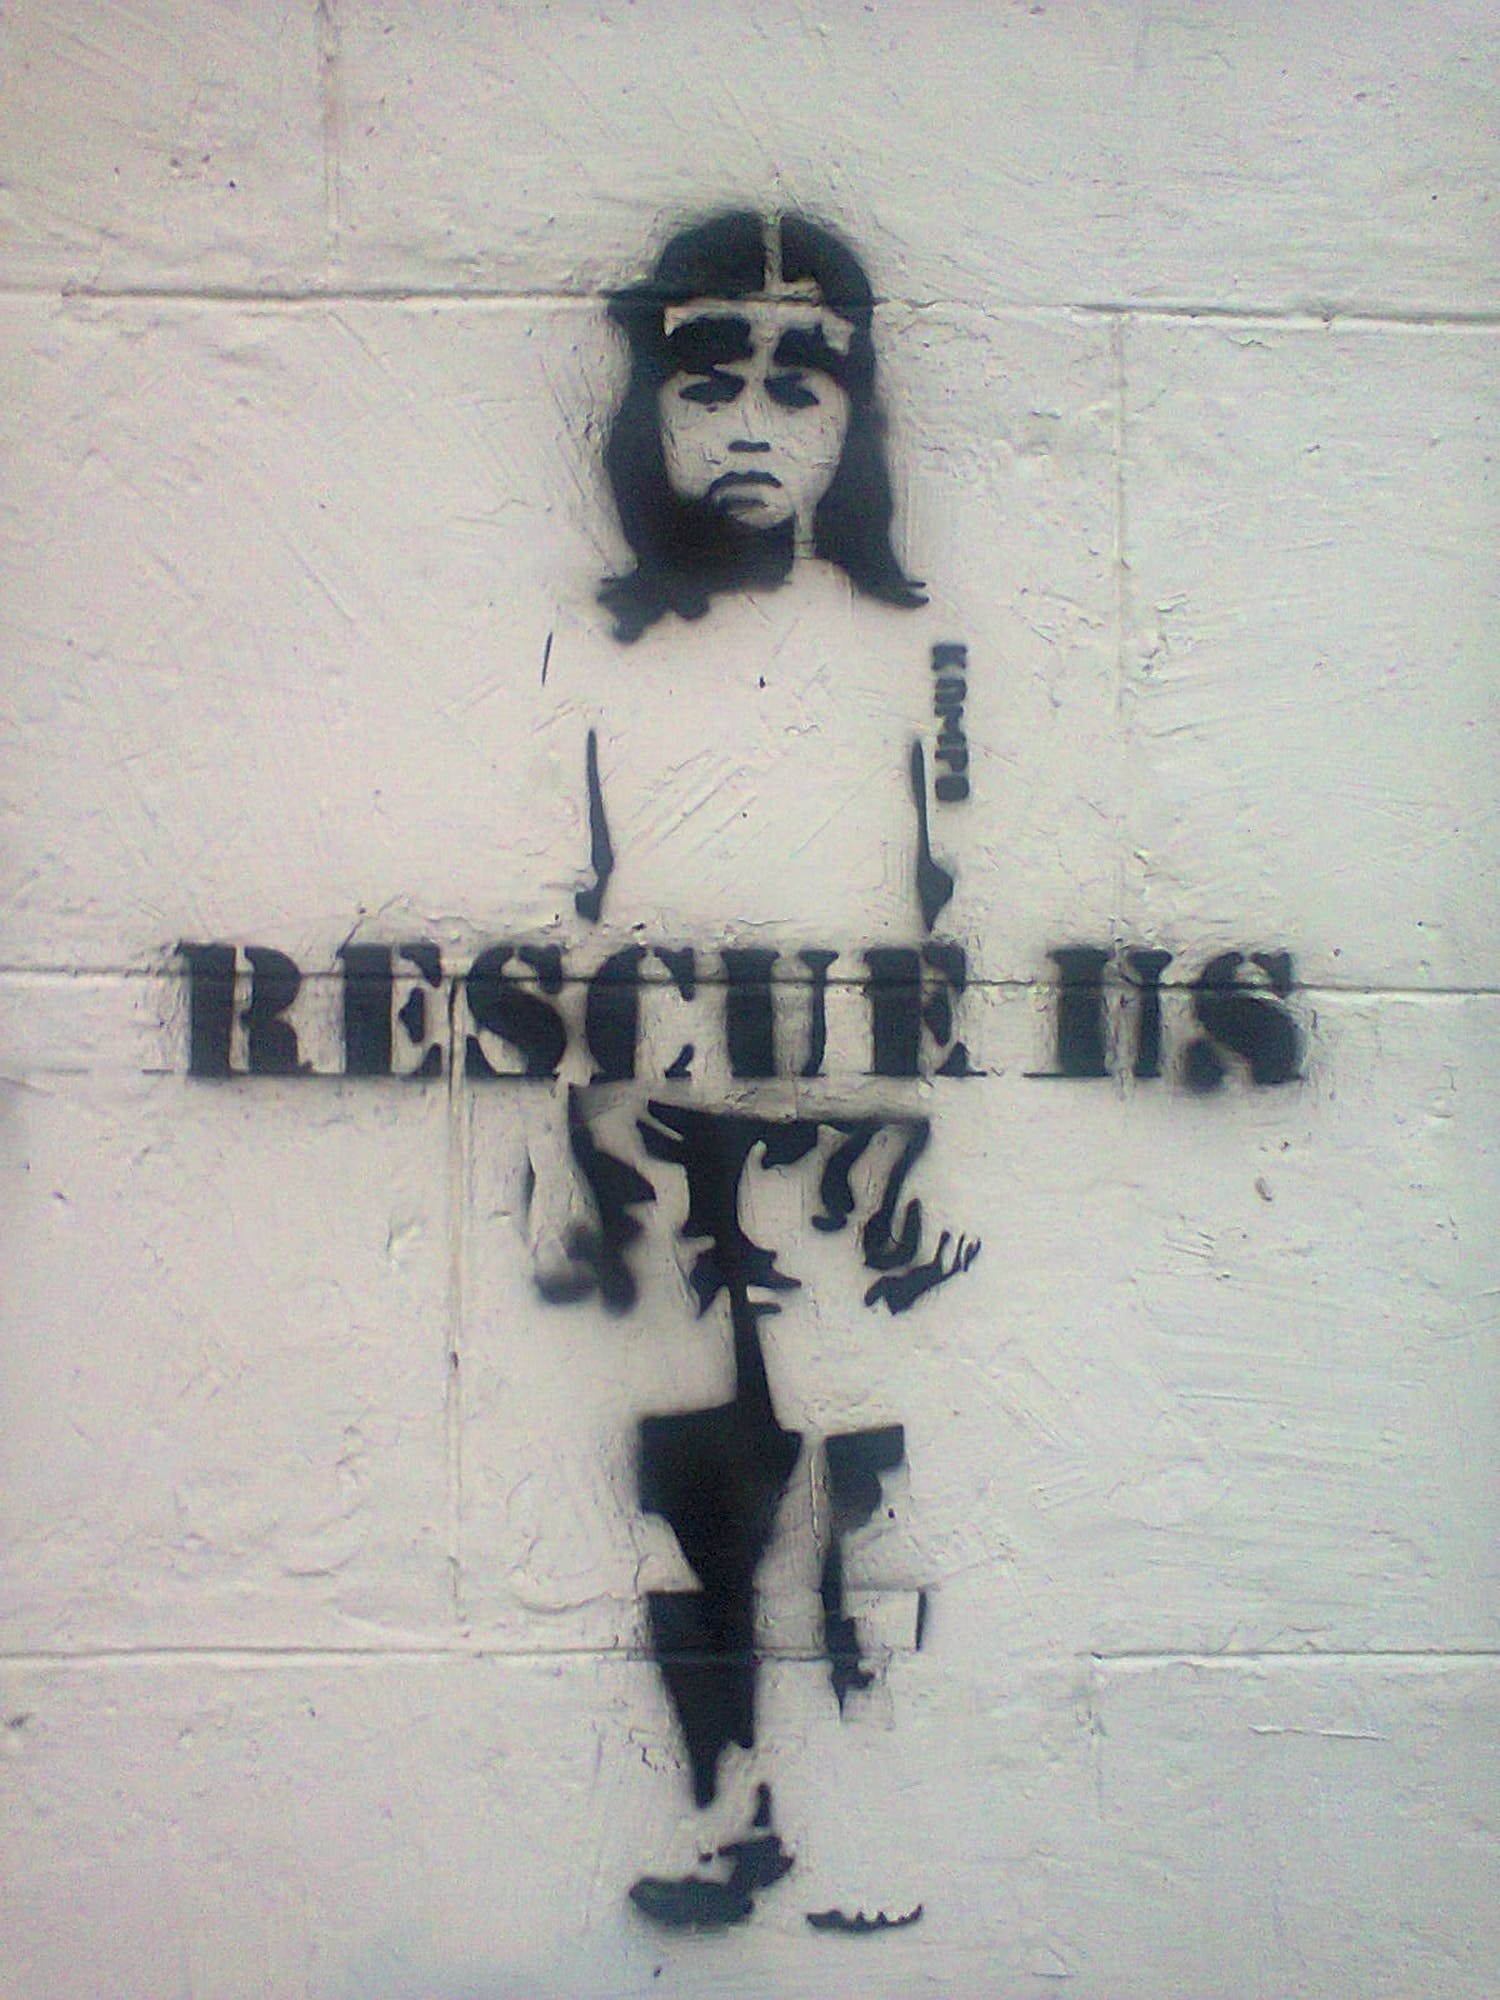 brick, child trafficking, graffiti